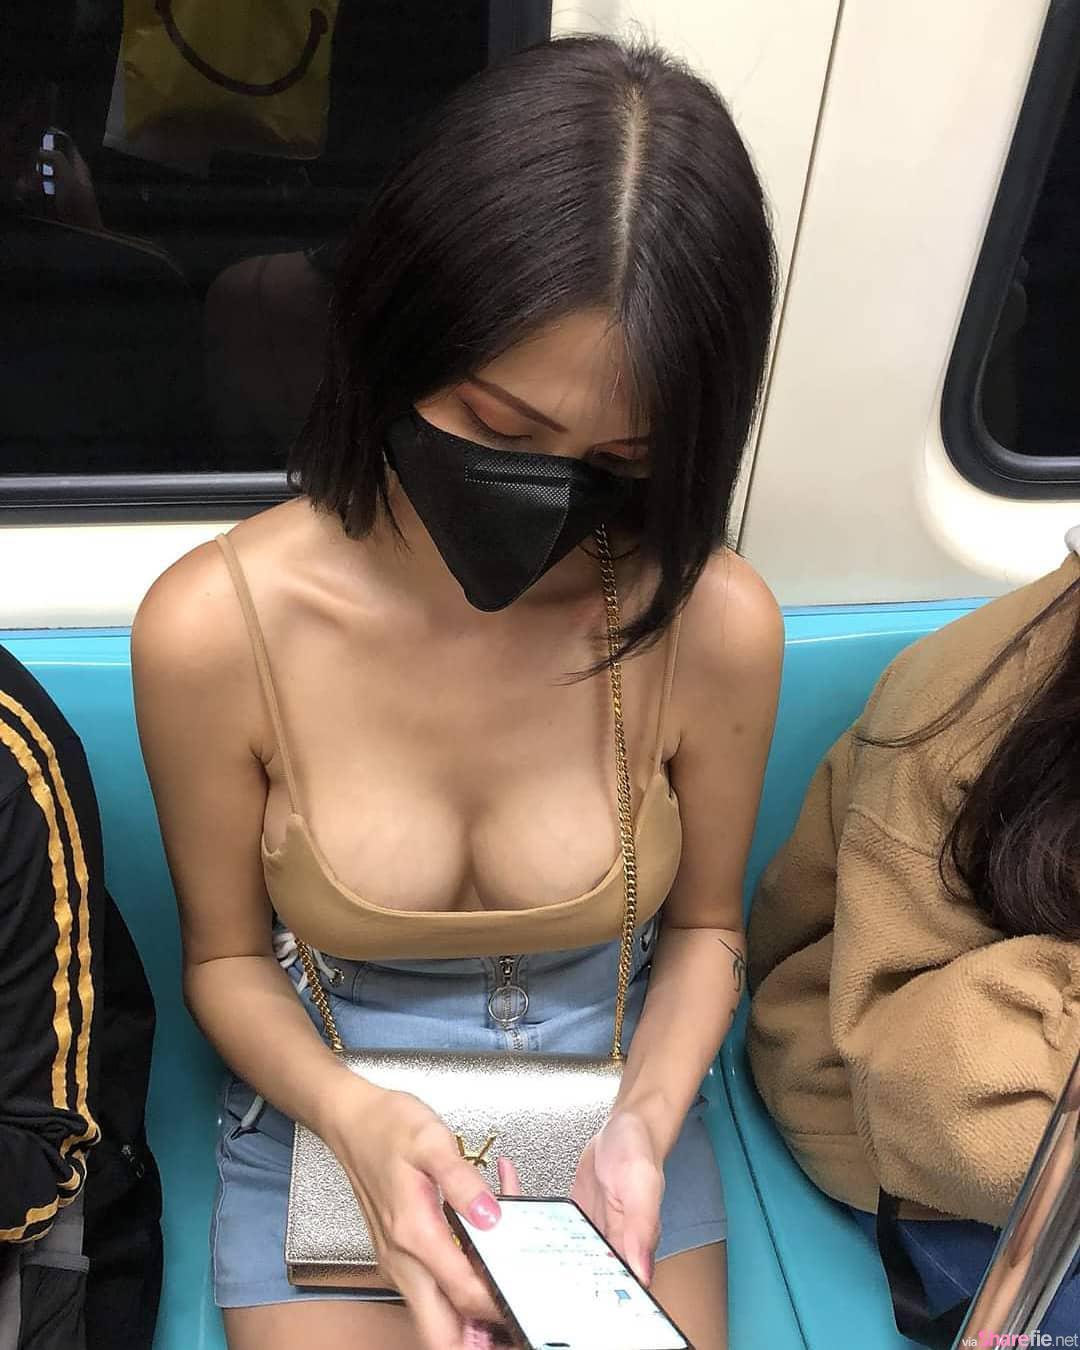 搭捷运没位子走到车厢中间就硬了,网友:那个阴影是甚么